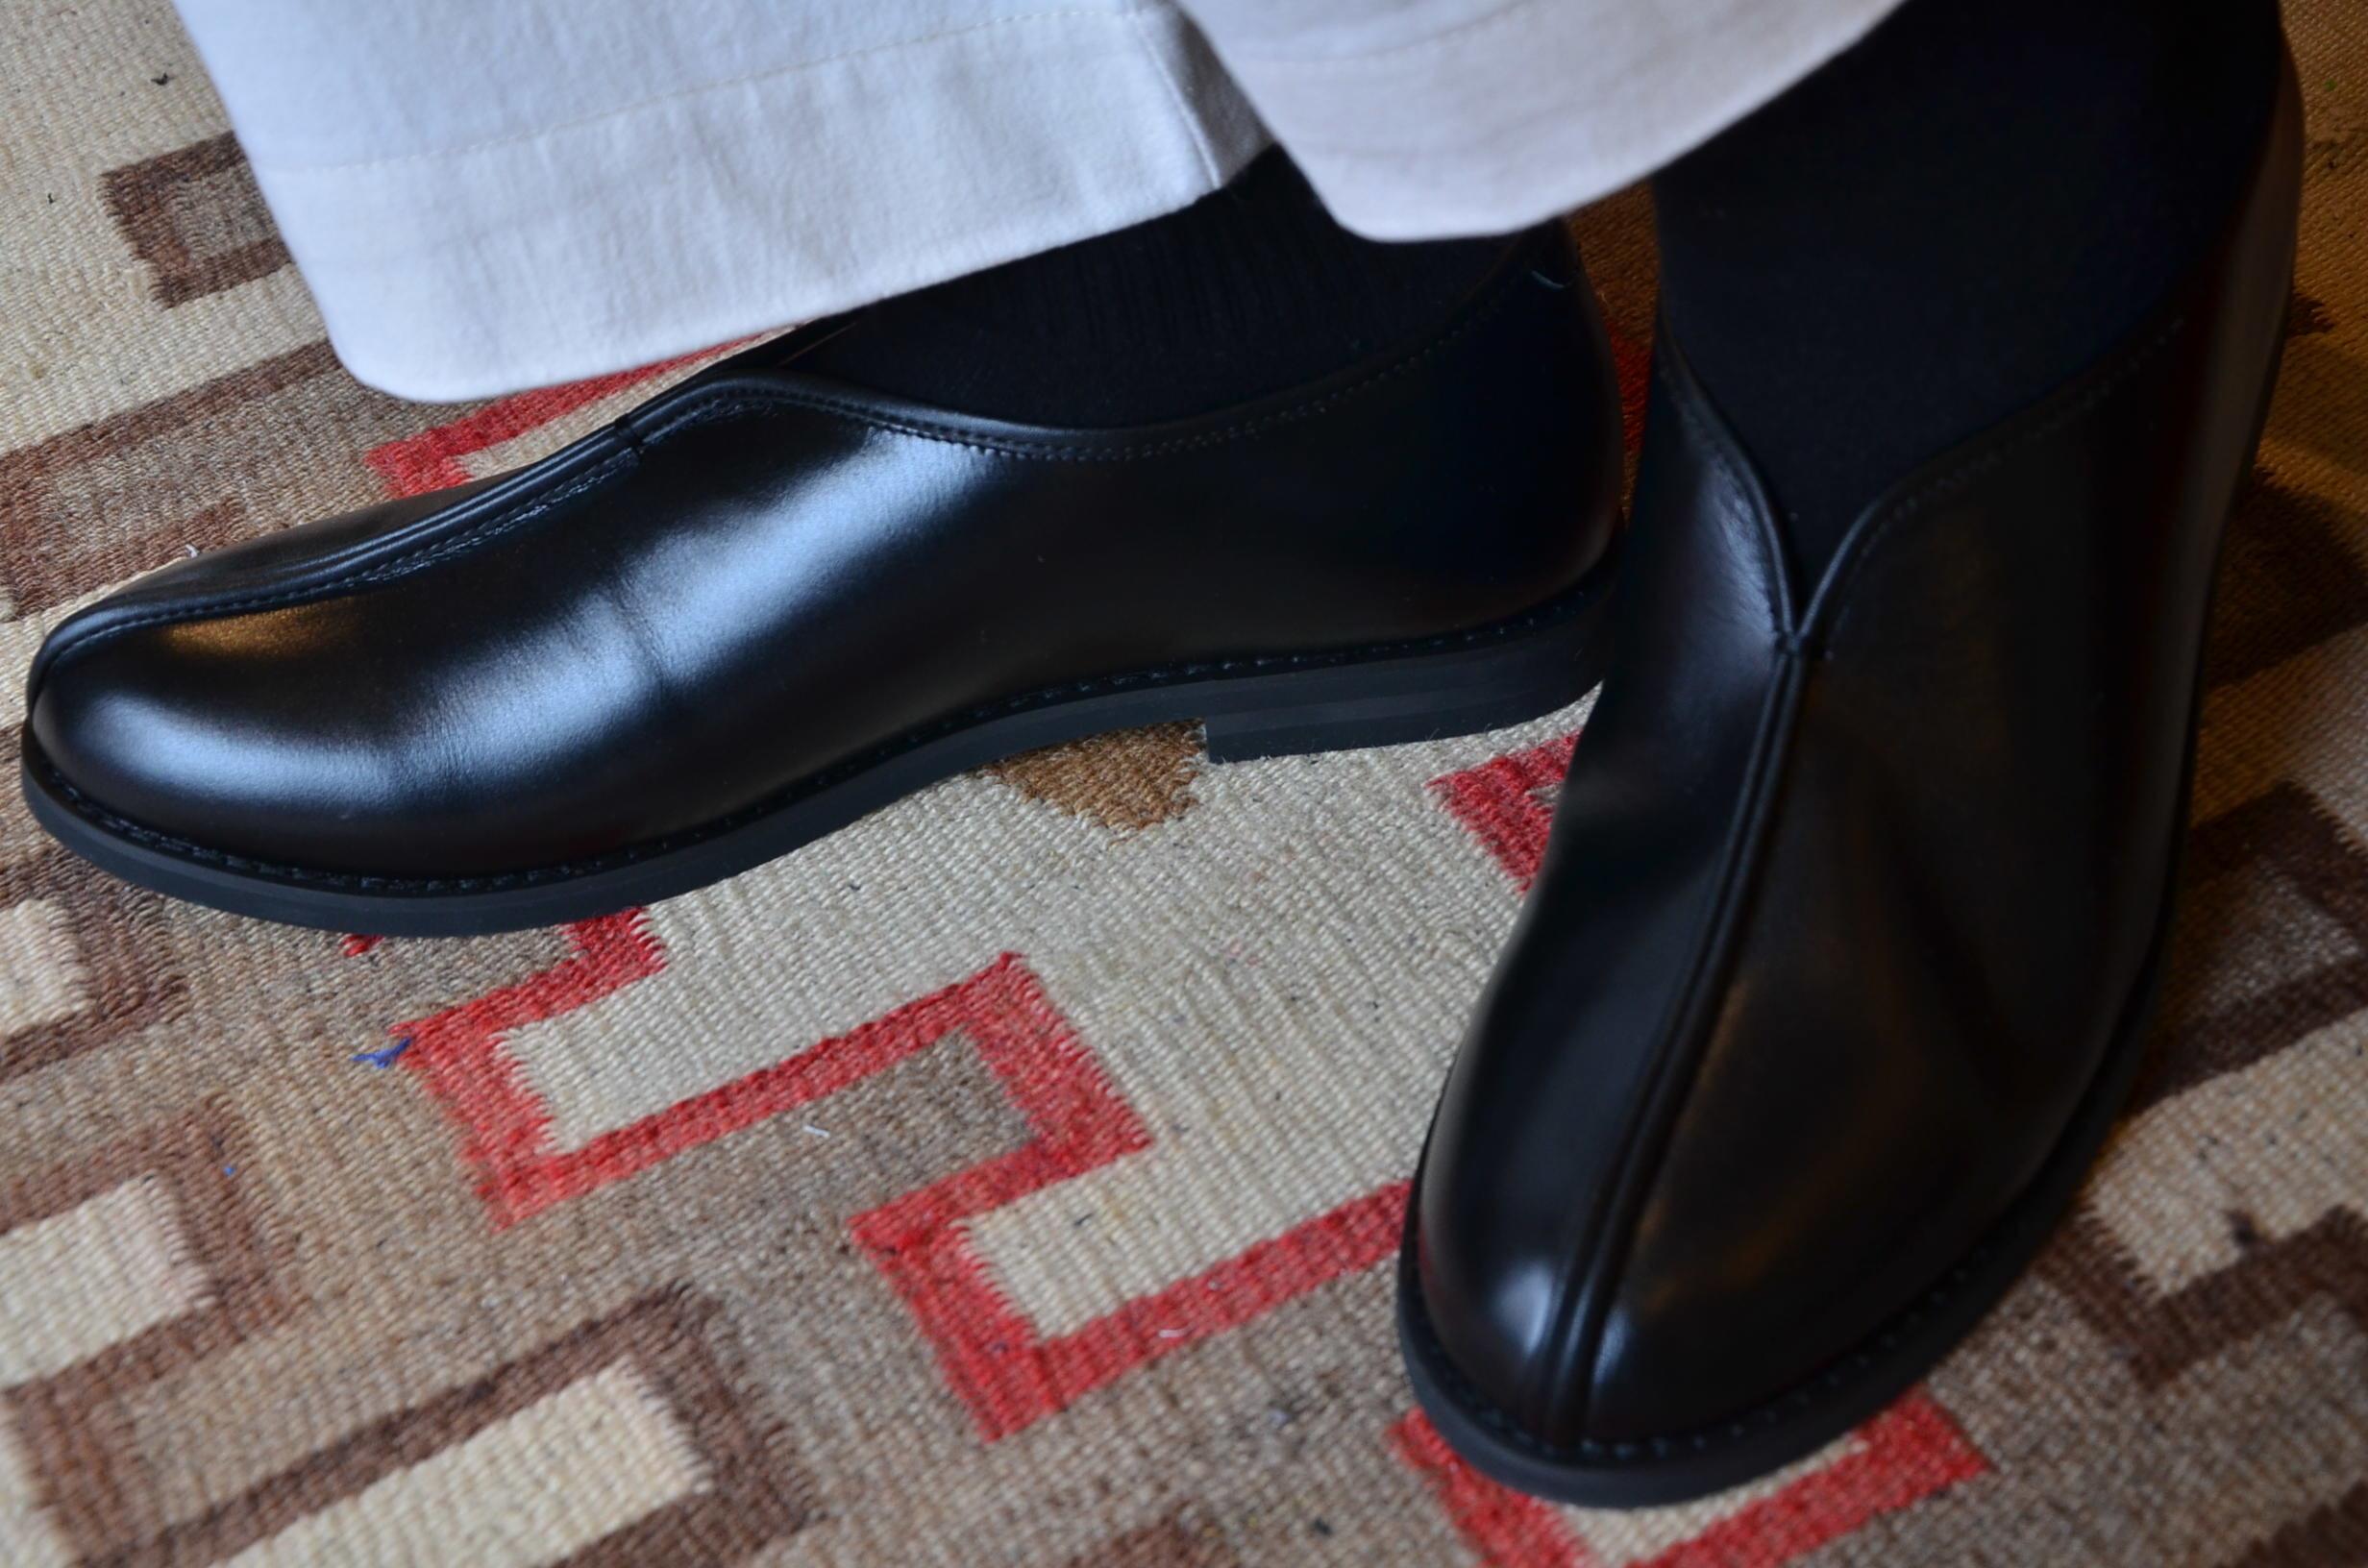 シーンを選ばずいつでも履ける、革靴です。_c0167336_19444175.jpg